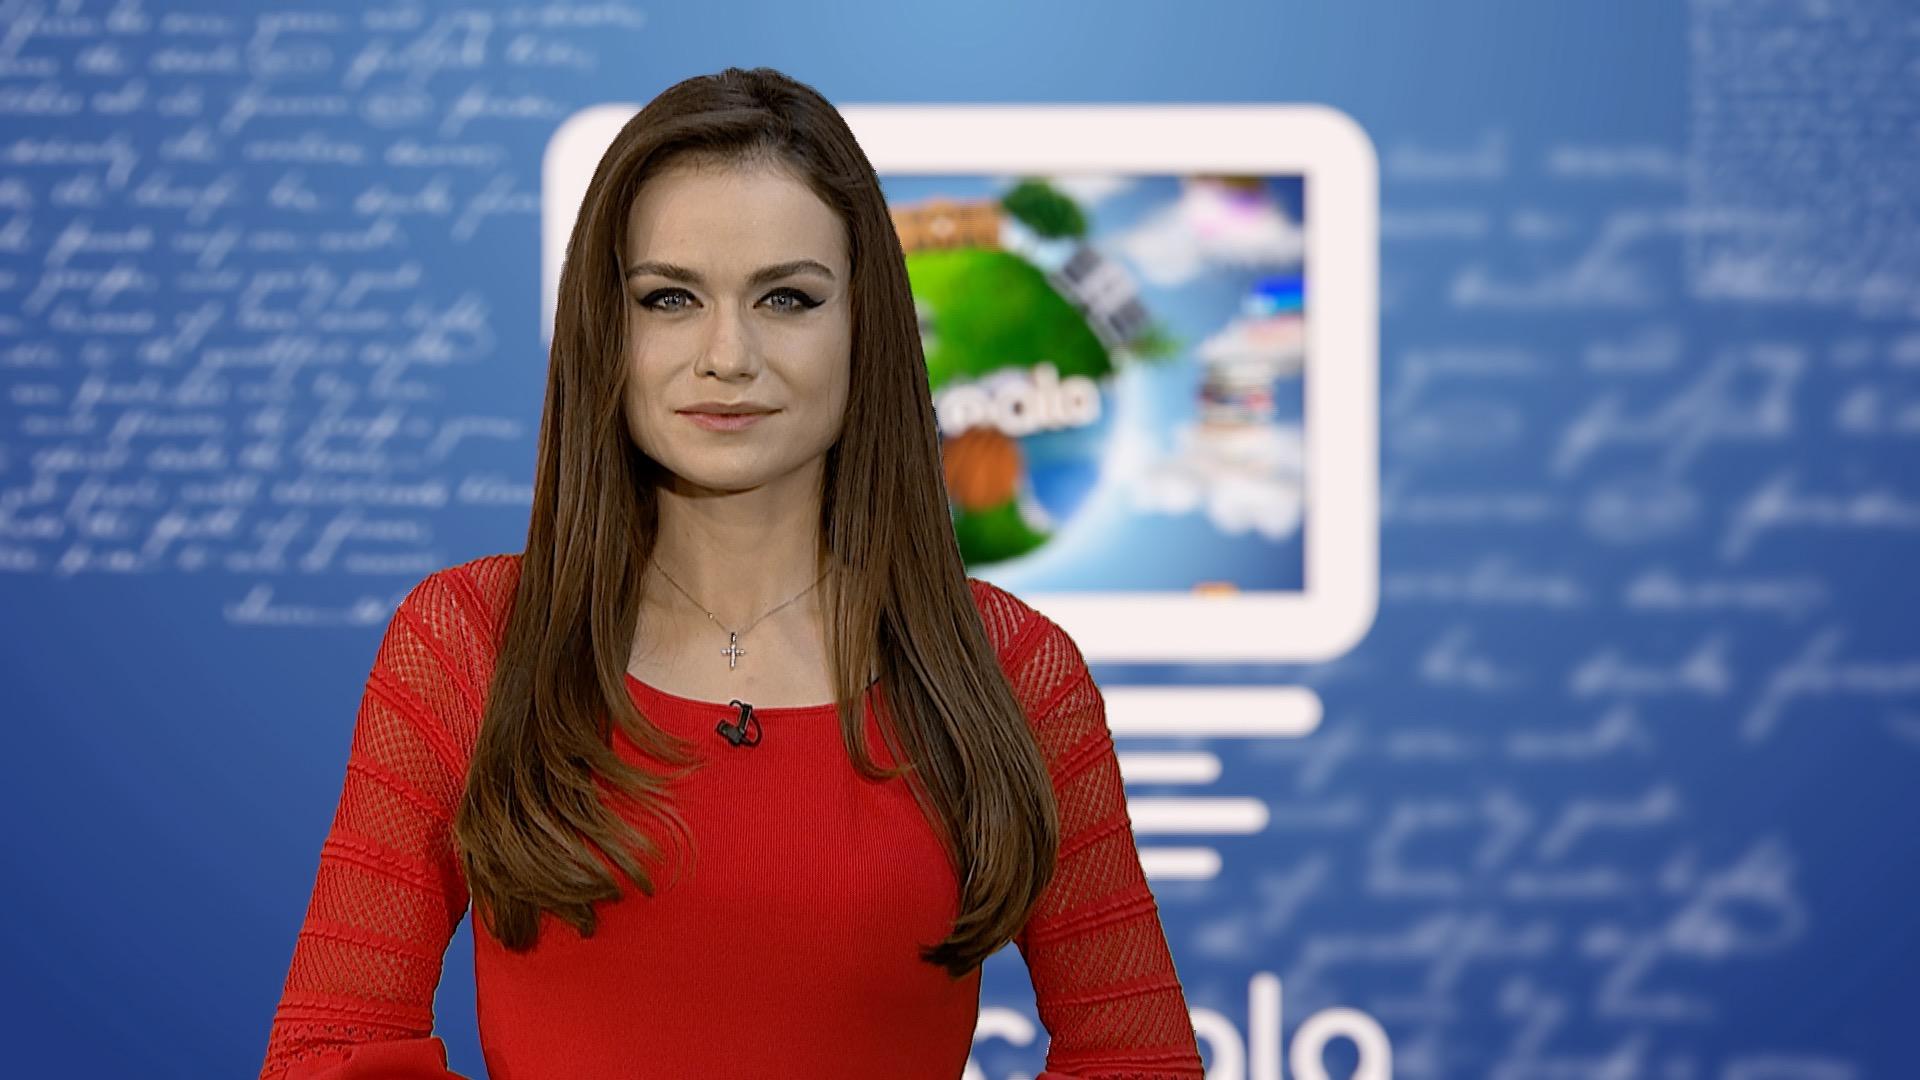 Andreea Seba